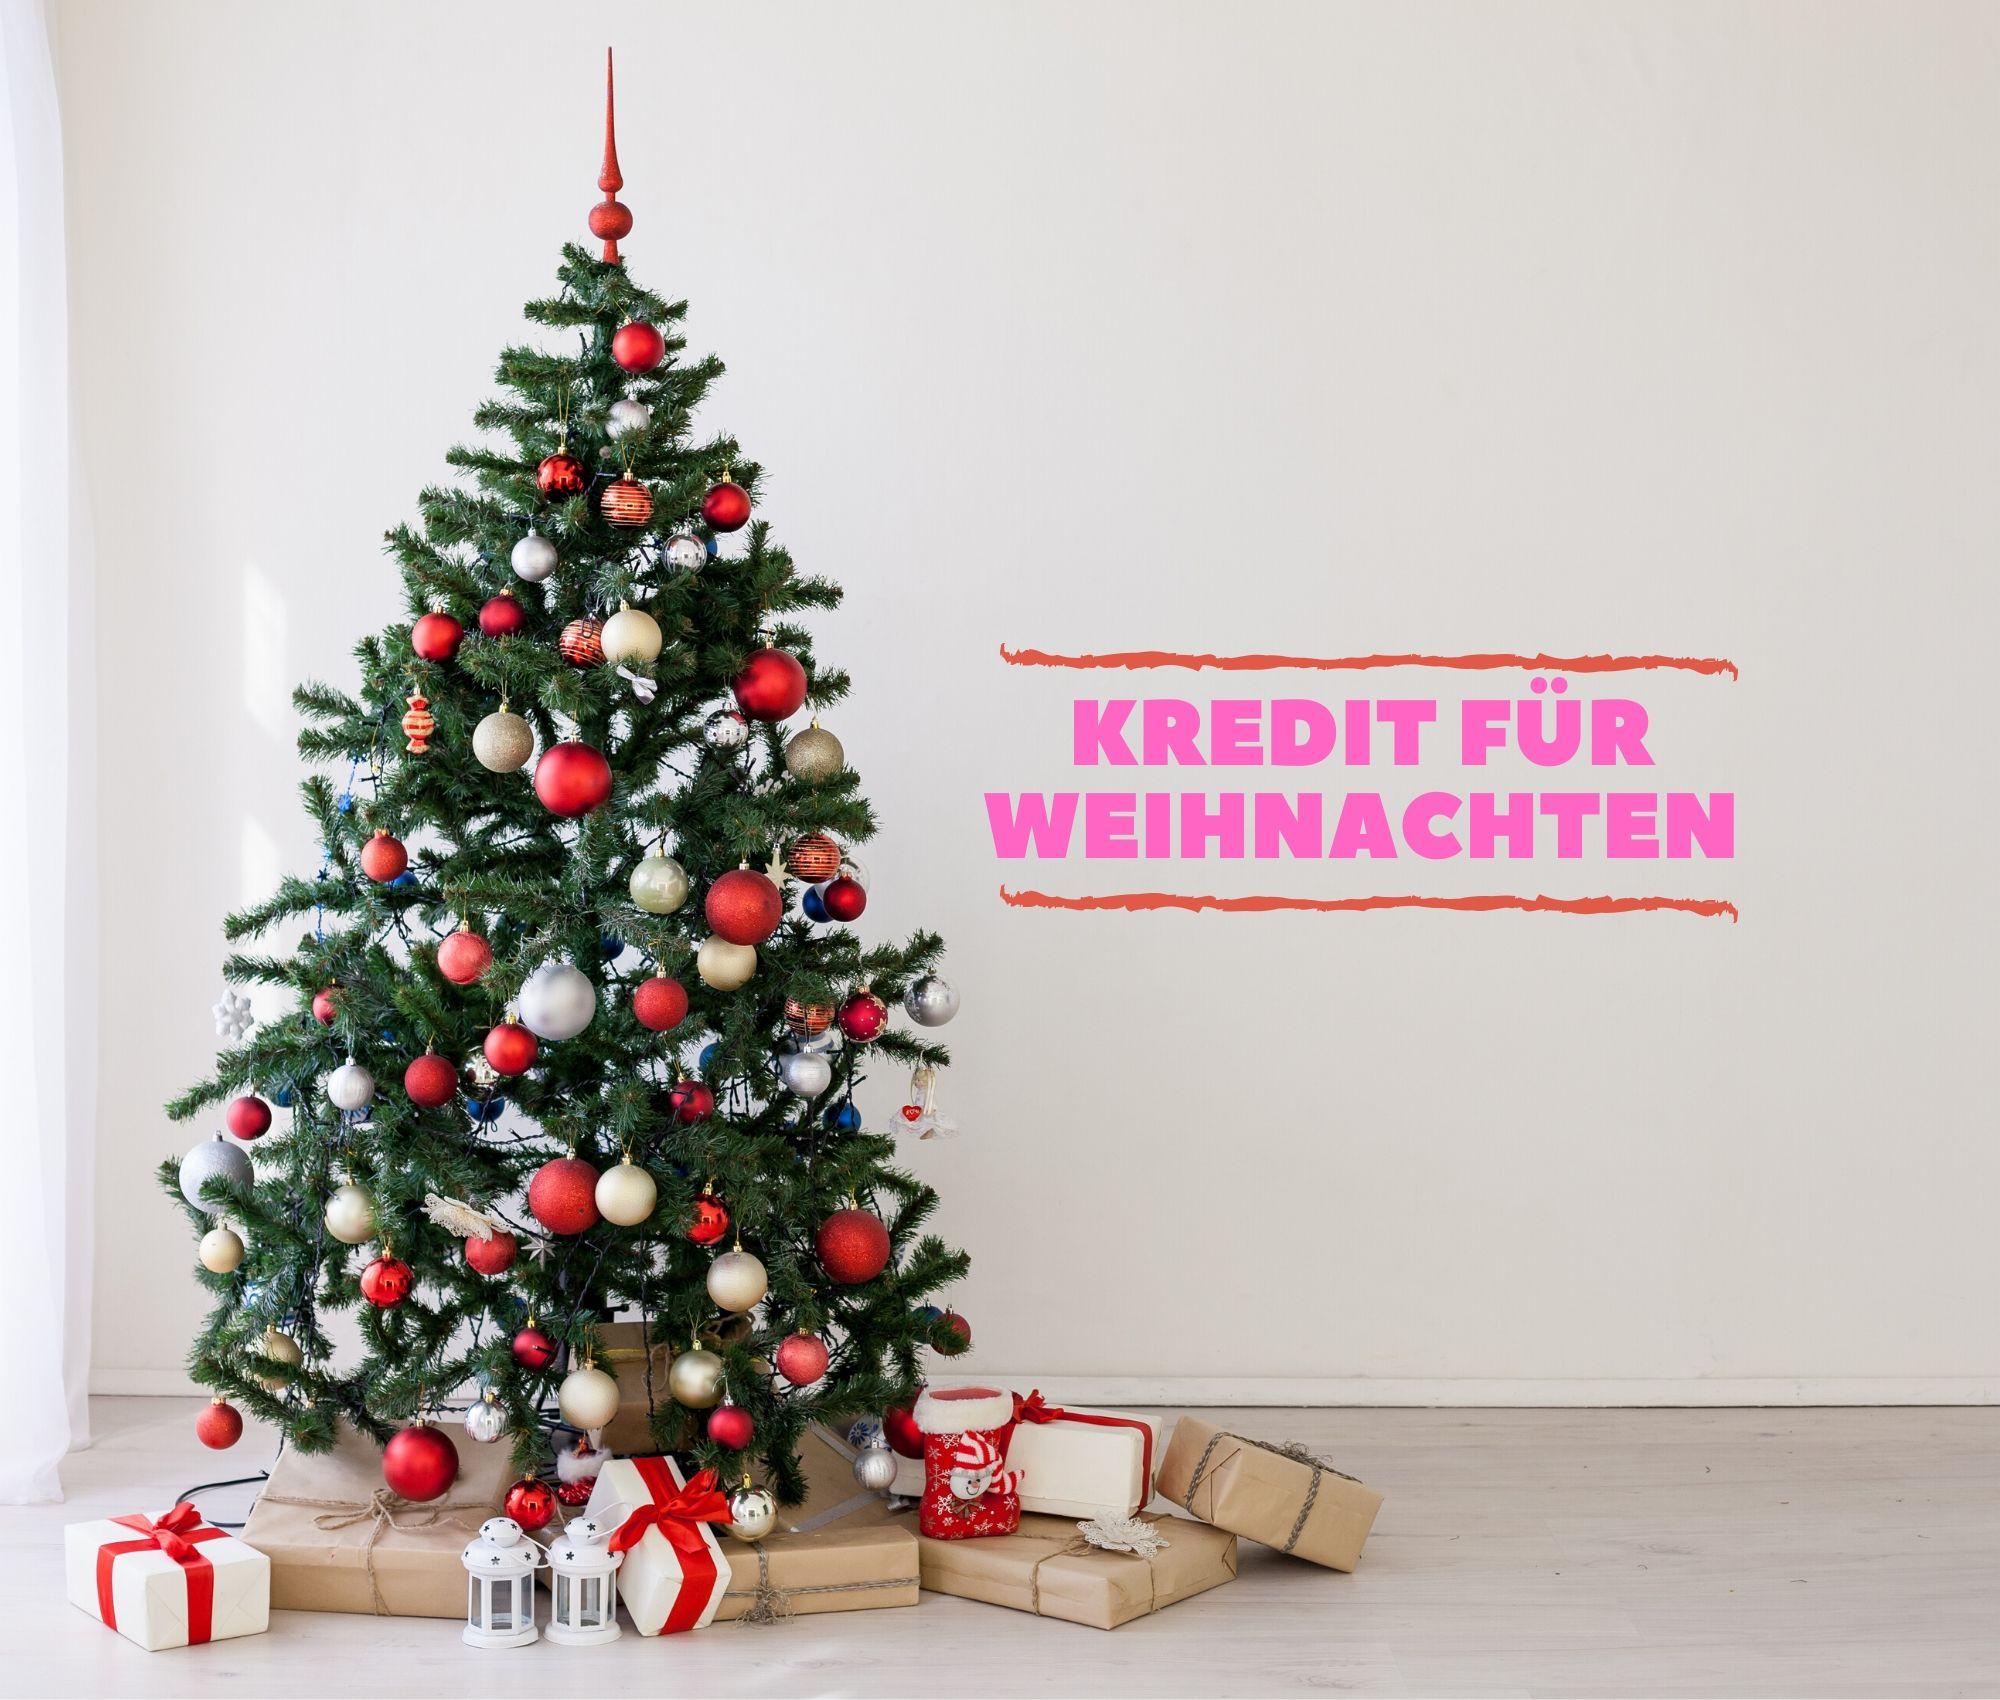 Wie Feiert Man Weihnachten In österreich